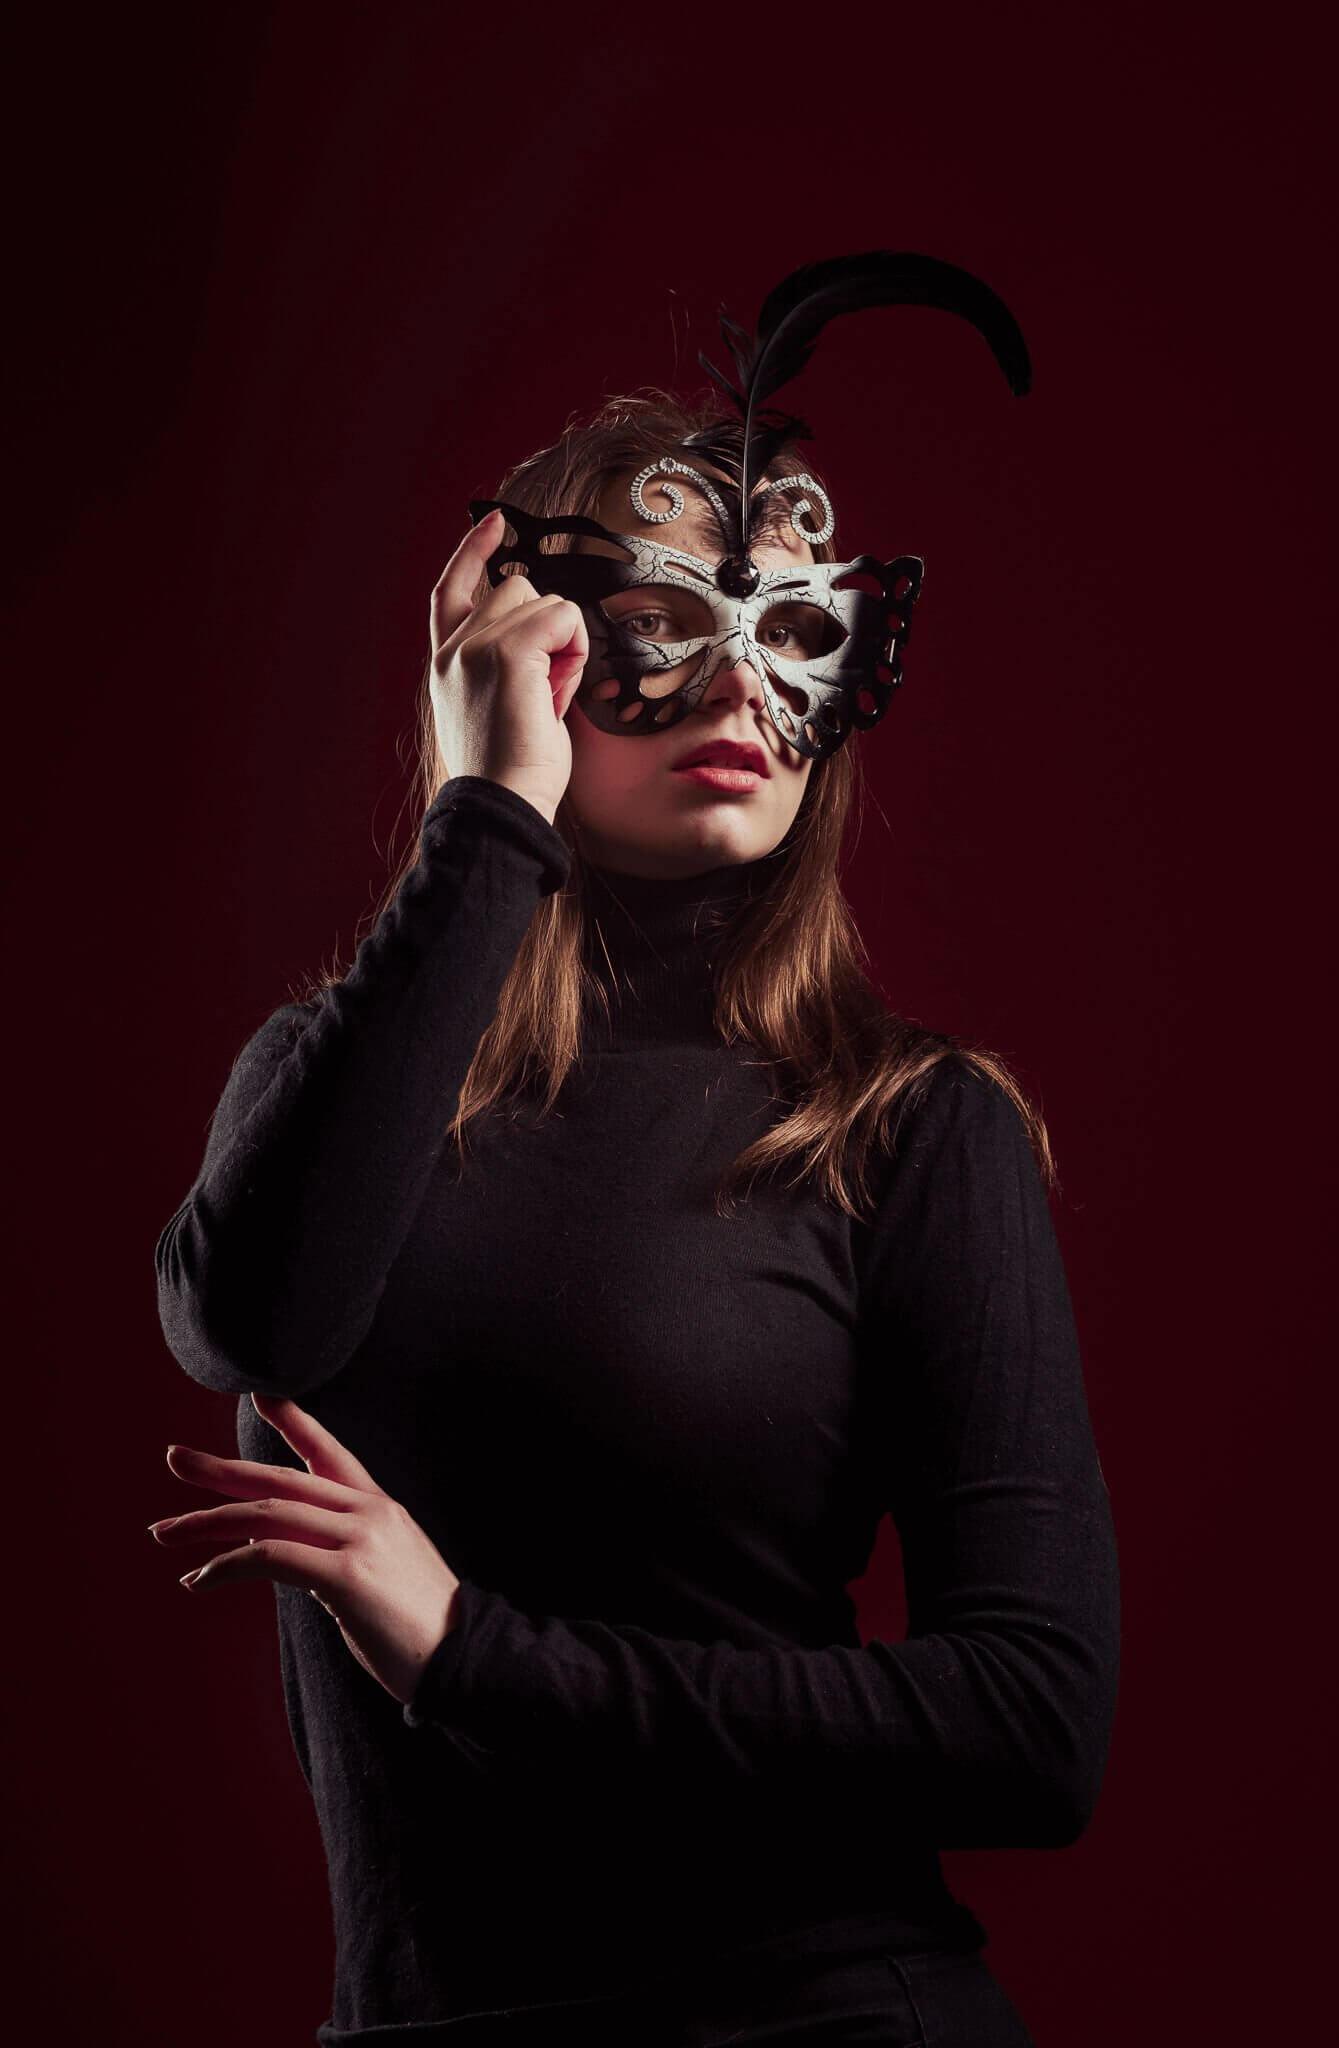 henkilökuvaus-nuoret studiokuva mallilla maski päässä